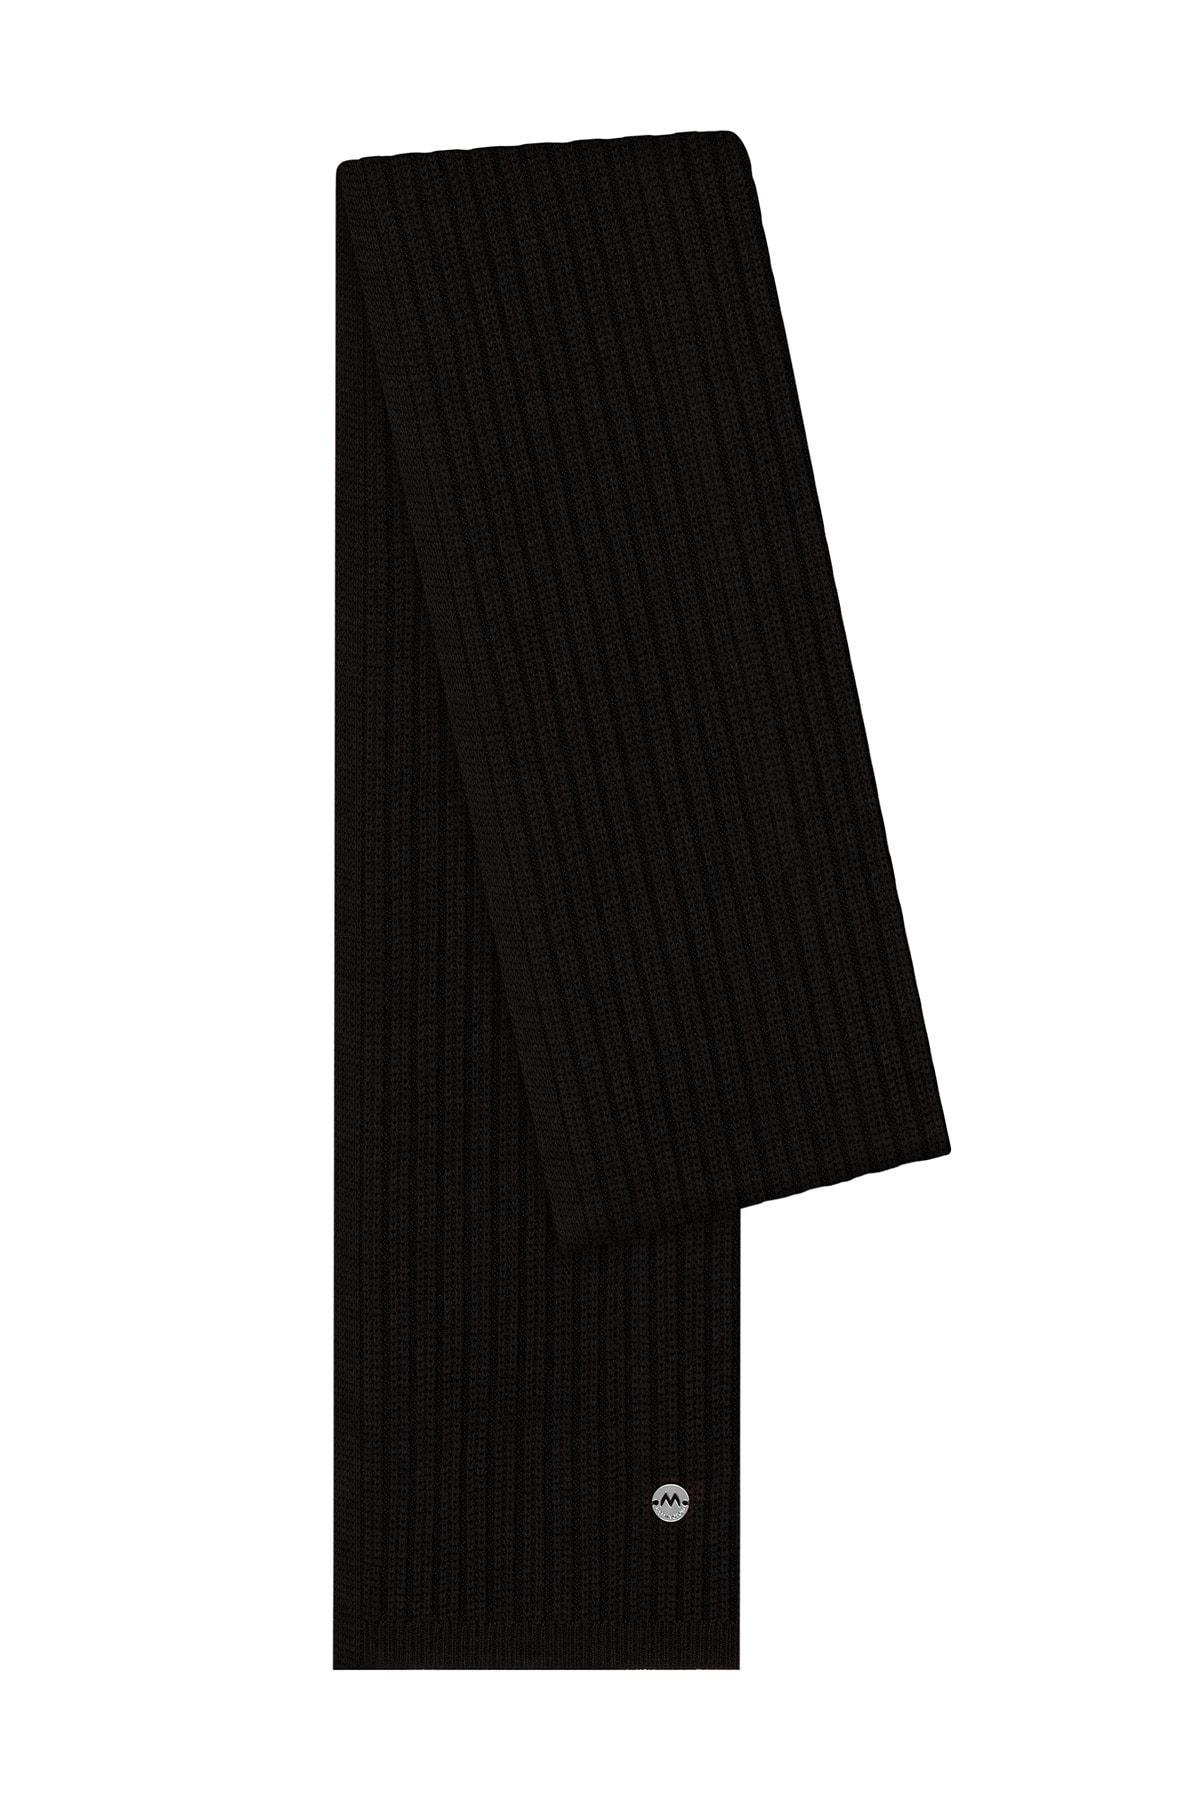 Hemington Erkek Siyah Yün Atkı 1